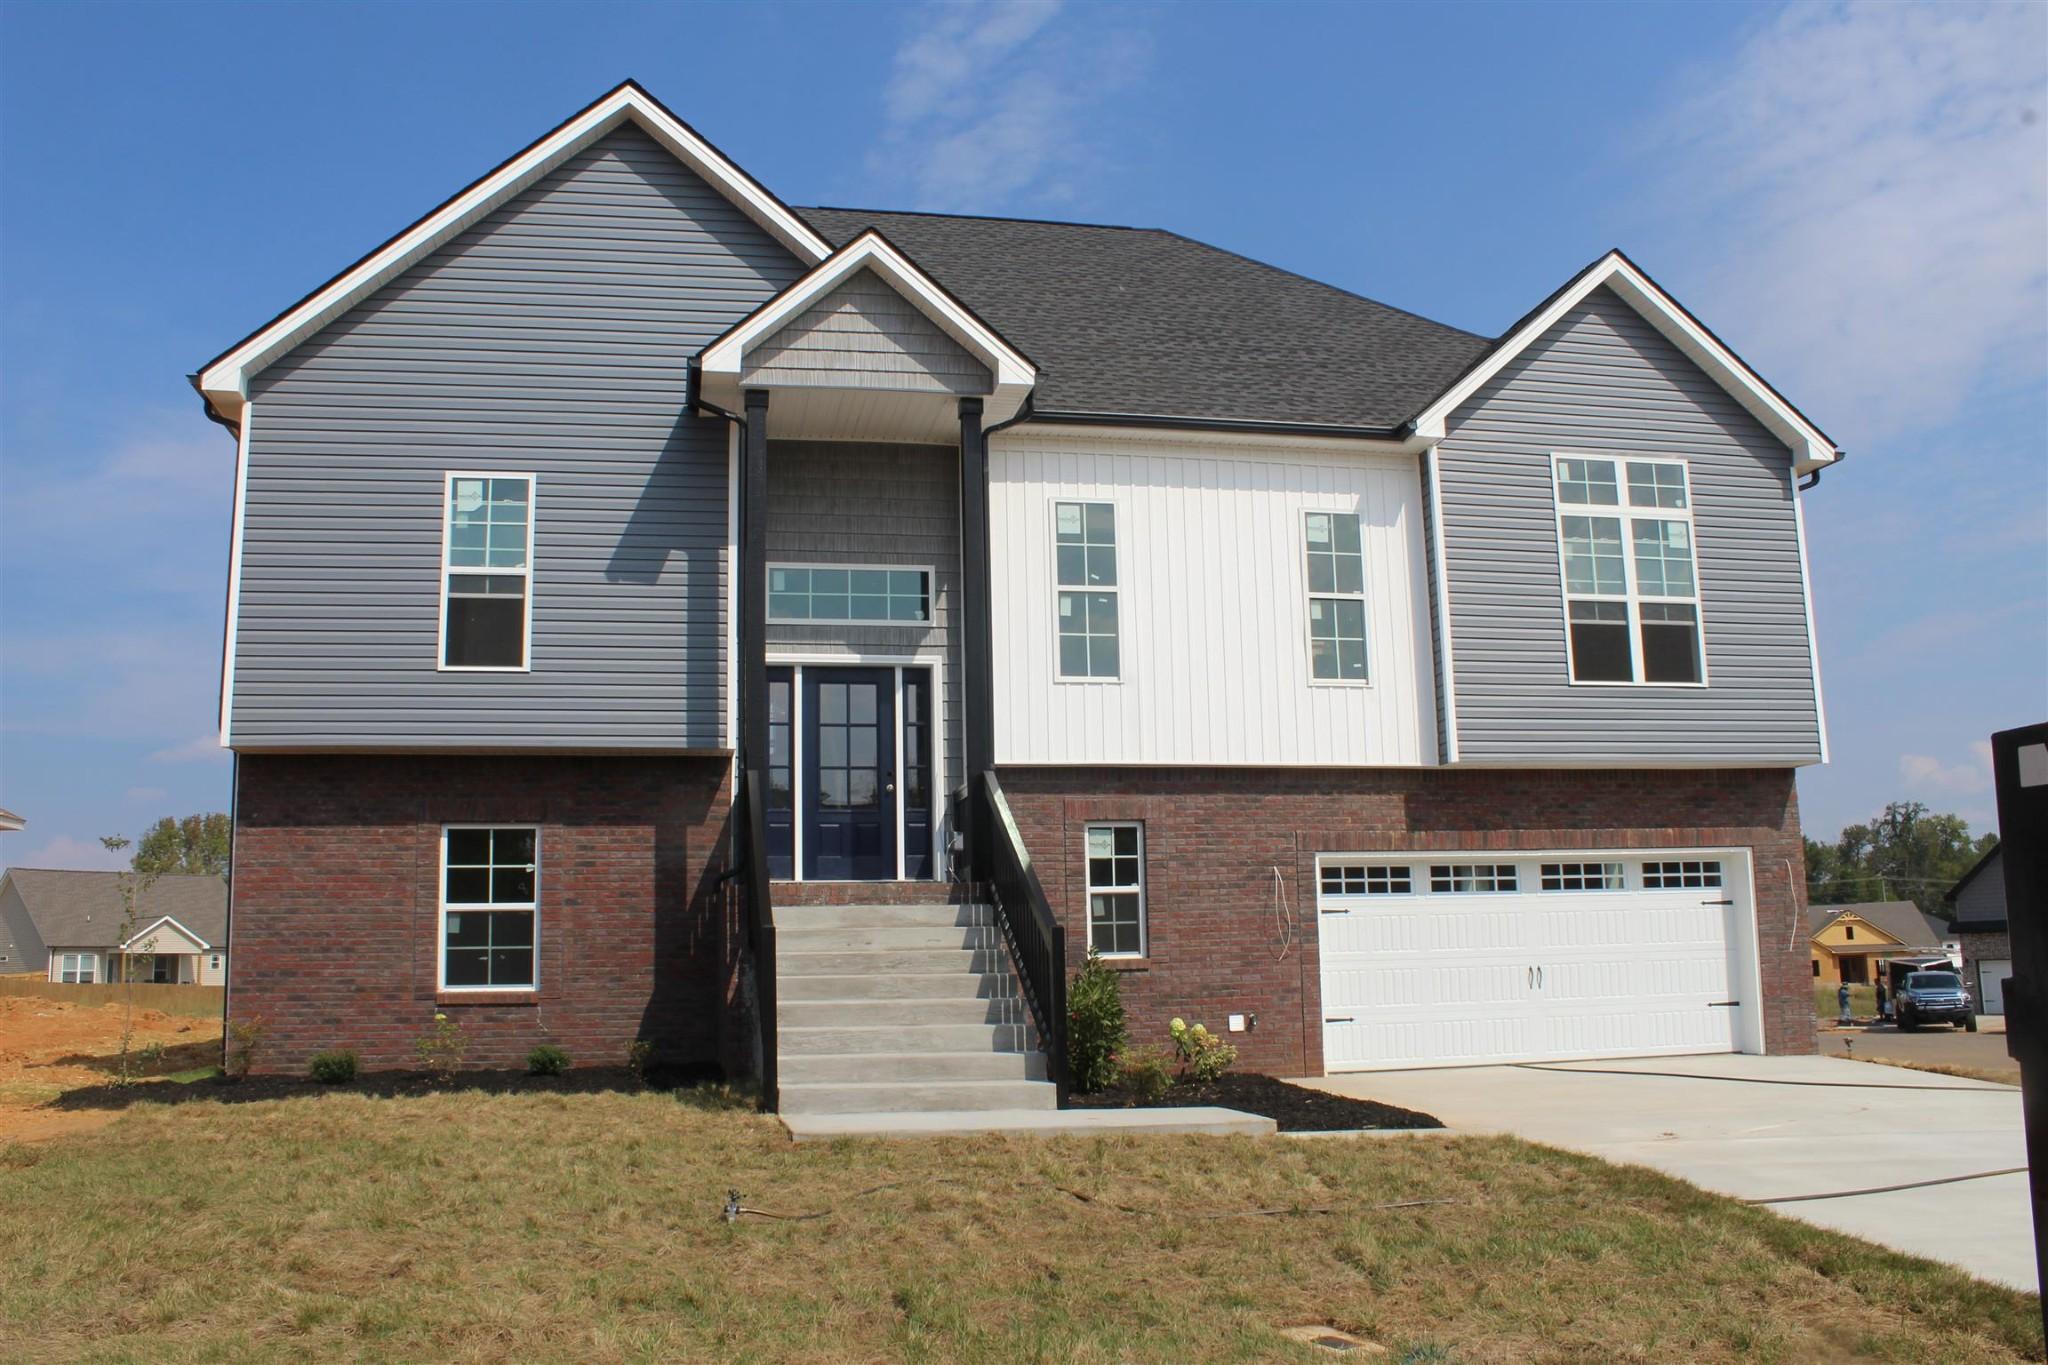 244 Ledina, Clarksville, TN 37043 - Clarksville, TN real estate listing